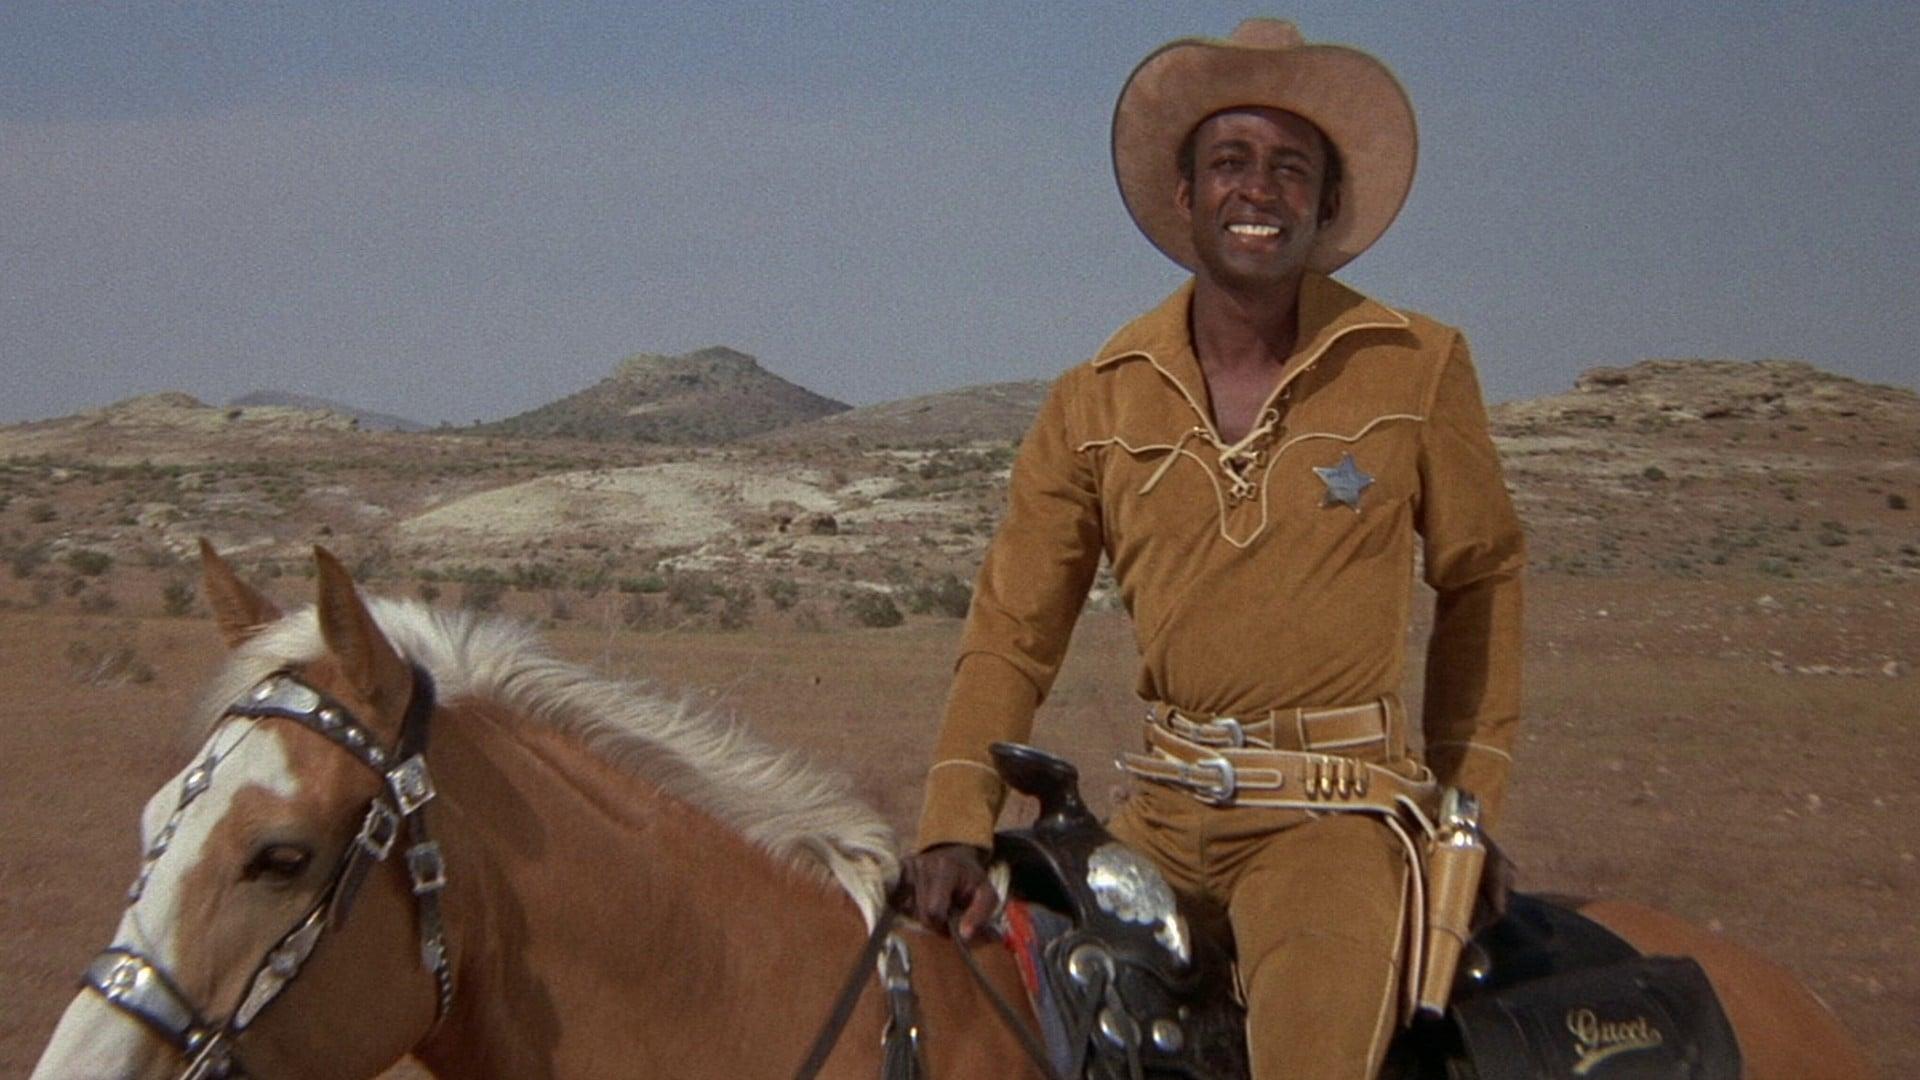 Blazing Saddles backdrop